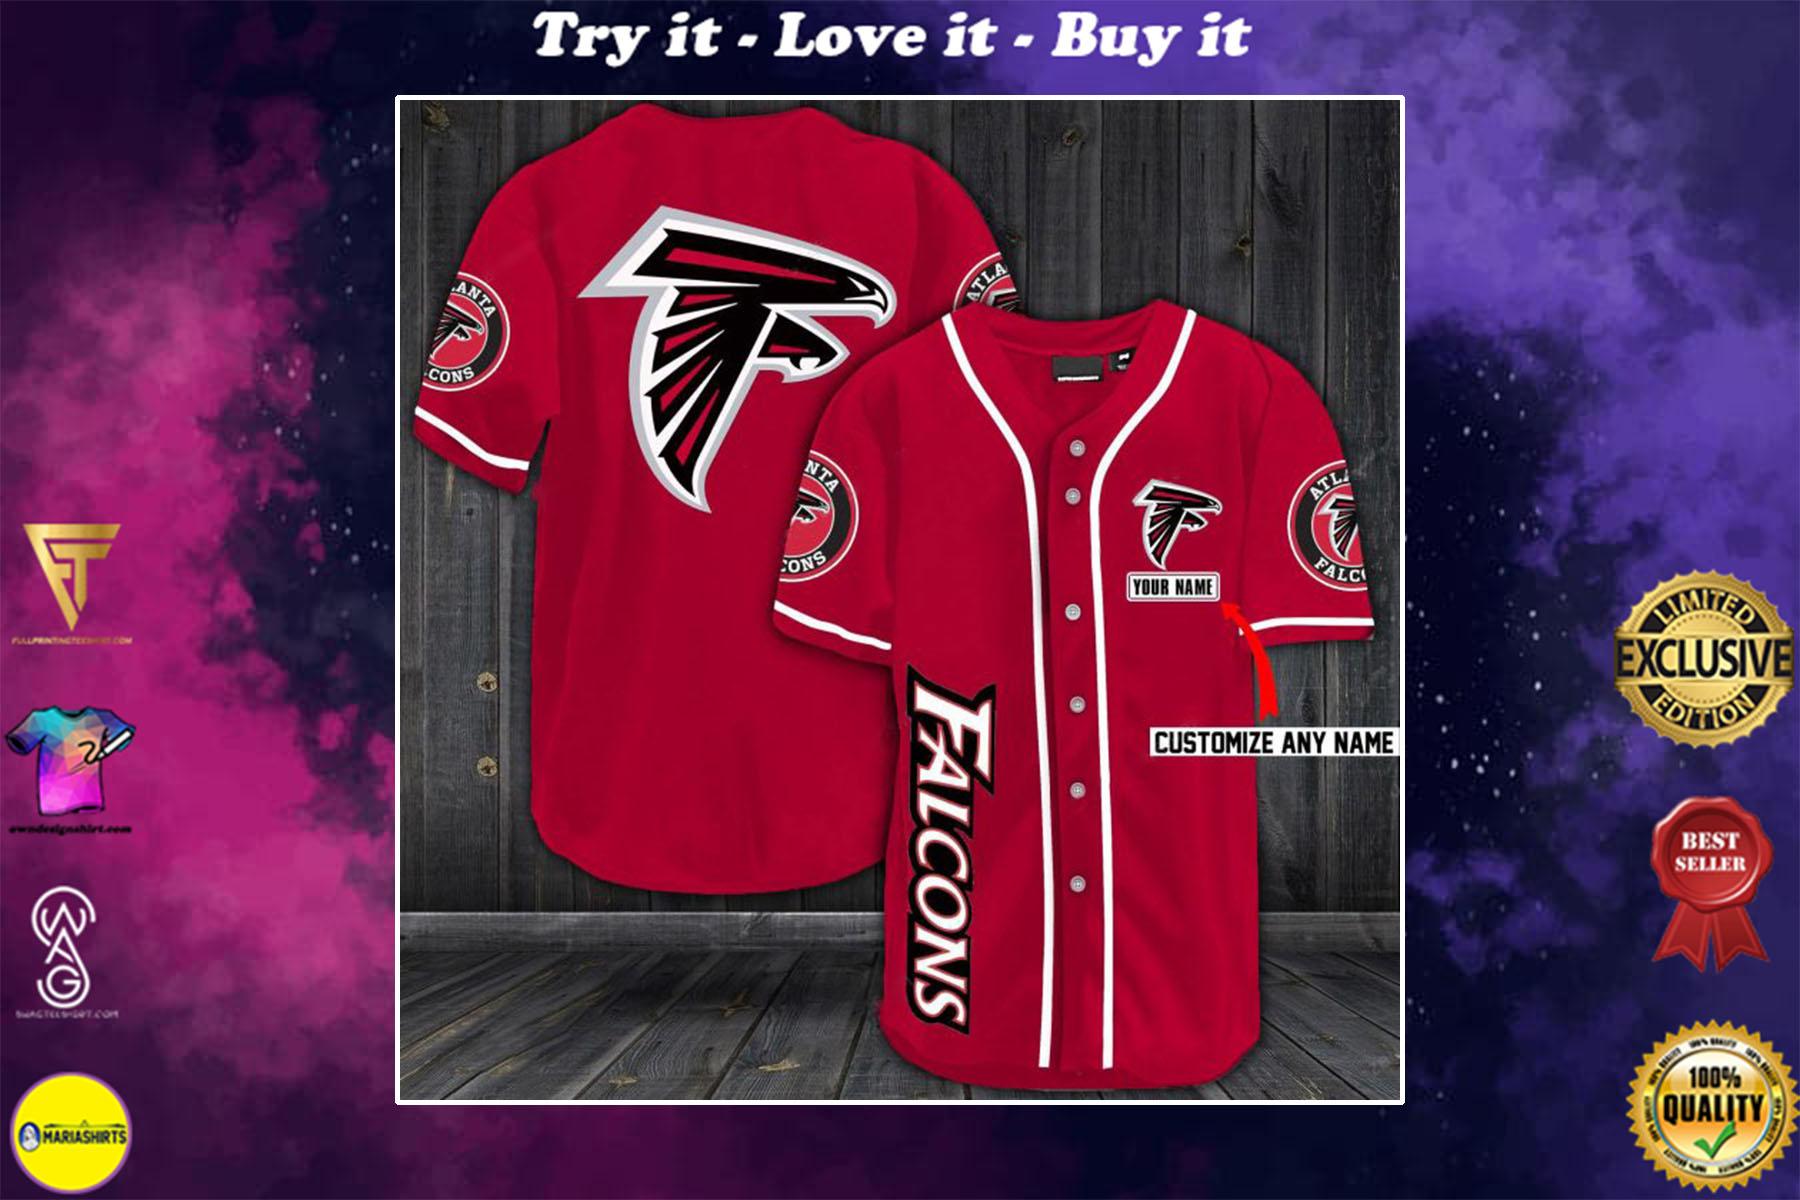 personalized name atlanta falcons baseball shirt - maria